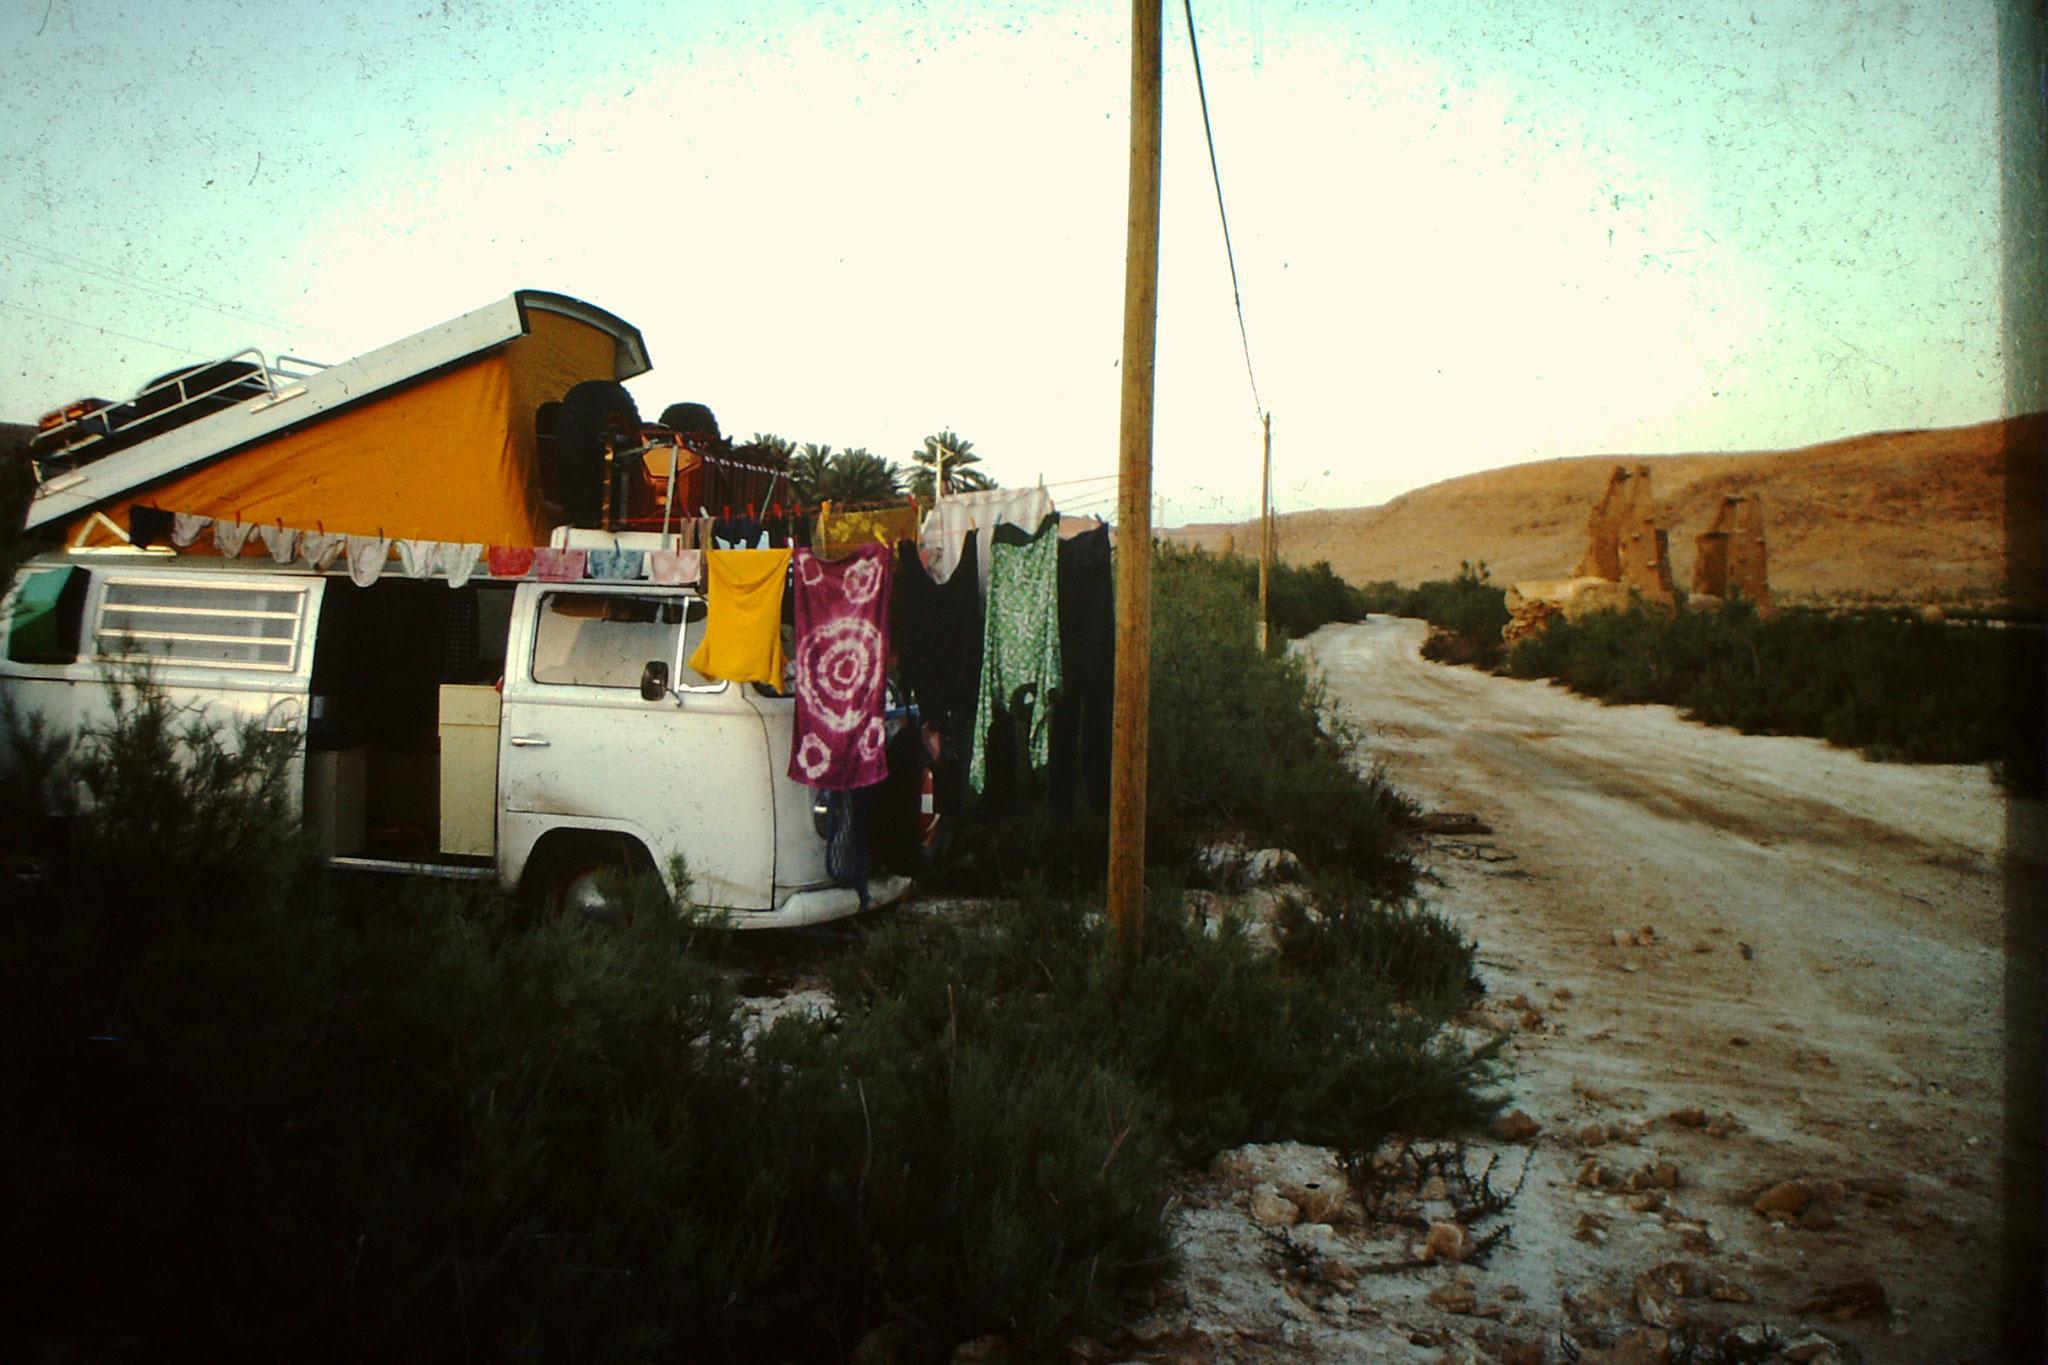 Auch Wäsche waschen gehört zu einem längeren Aufenthalt in Afrika. In der Hitze von Gardaia trocknet sie extrem schnell.